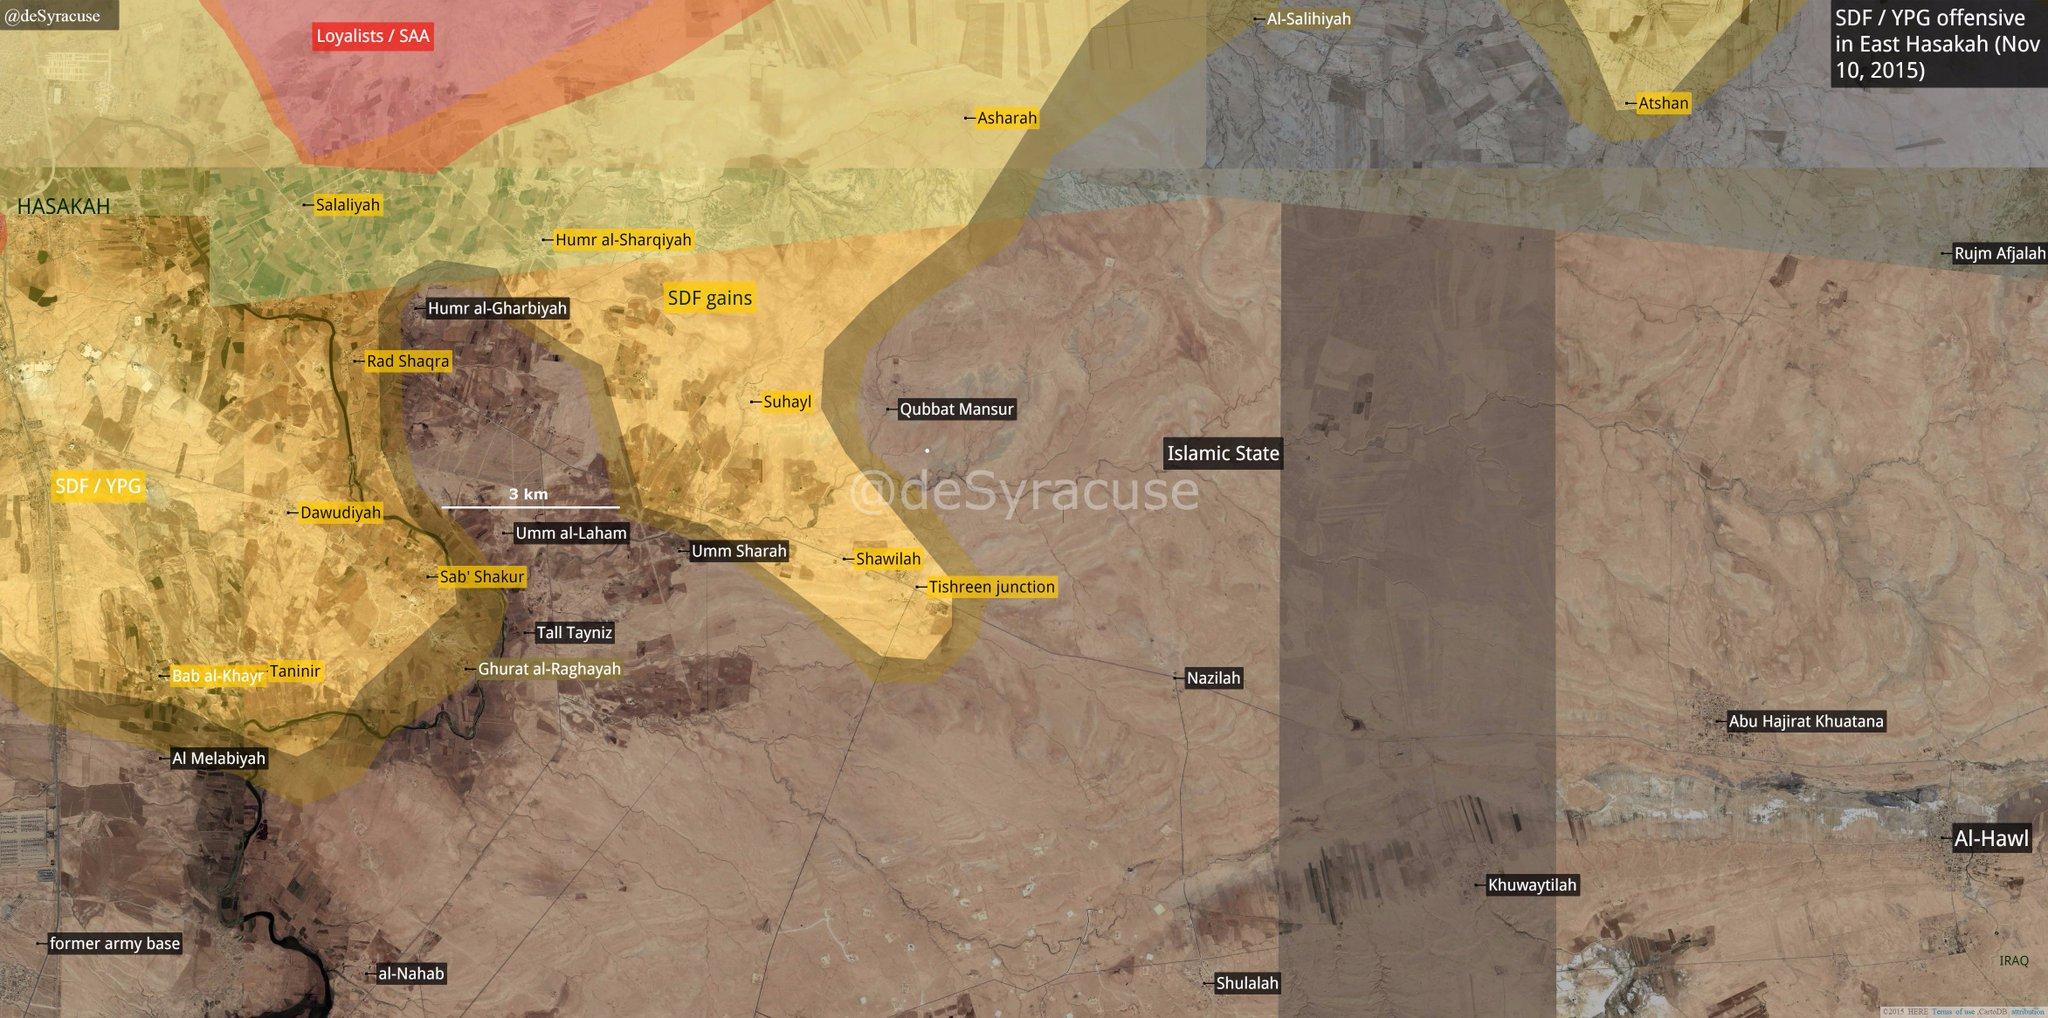 вакансий поможет сирия сводки боев 1 12 2015 пандора выделяет две внеситуативные